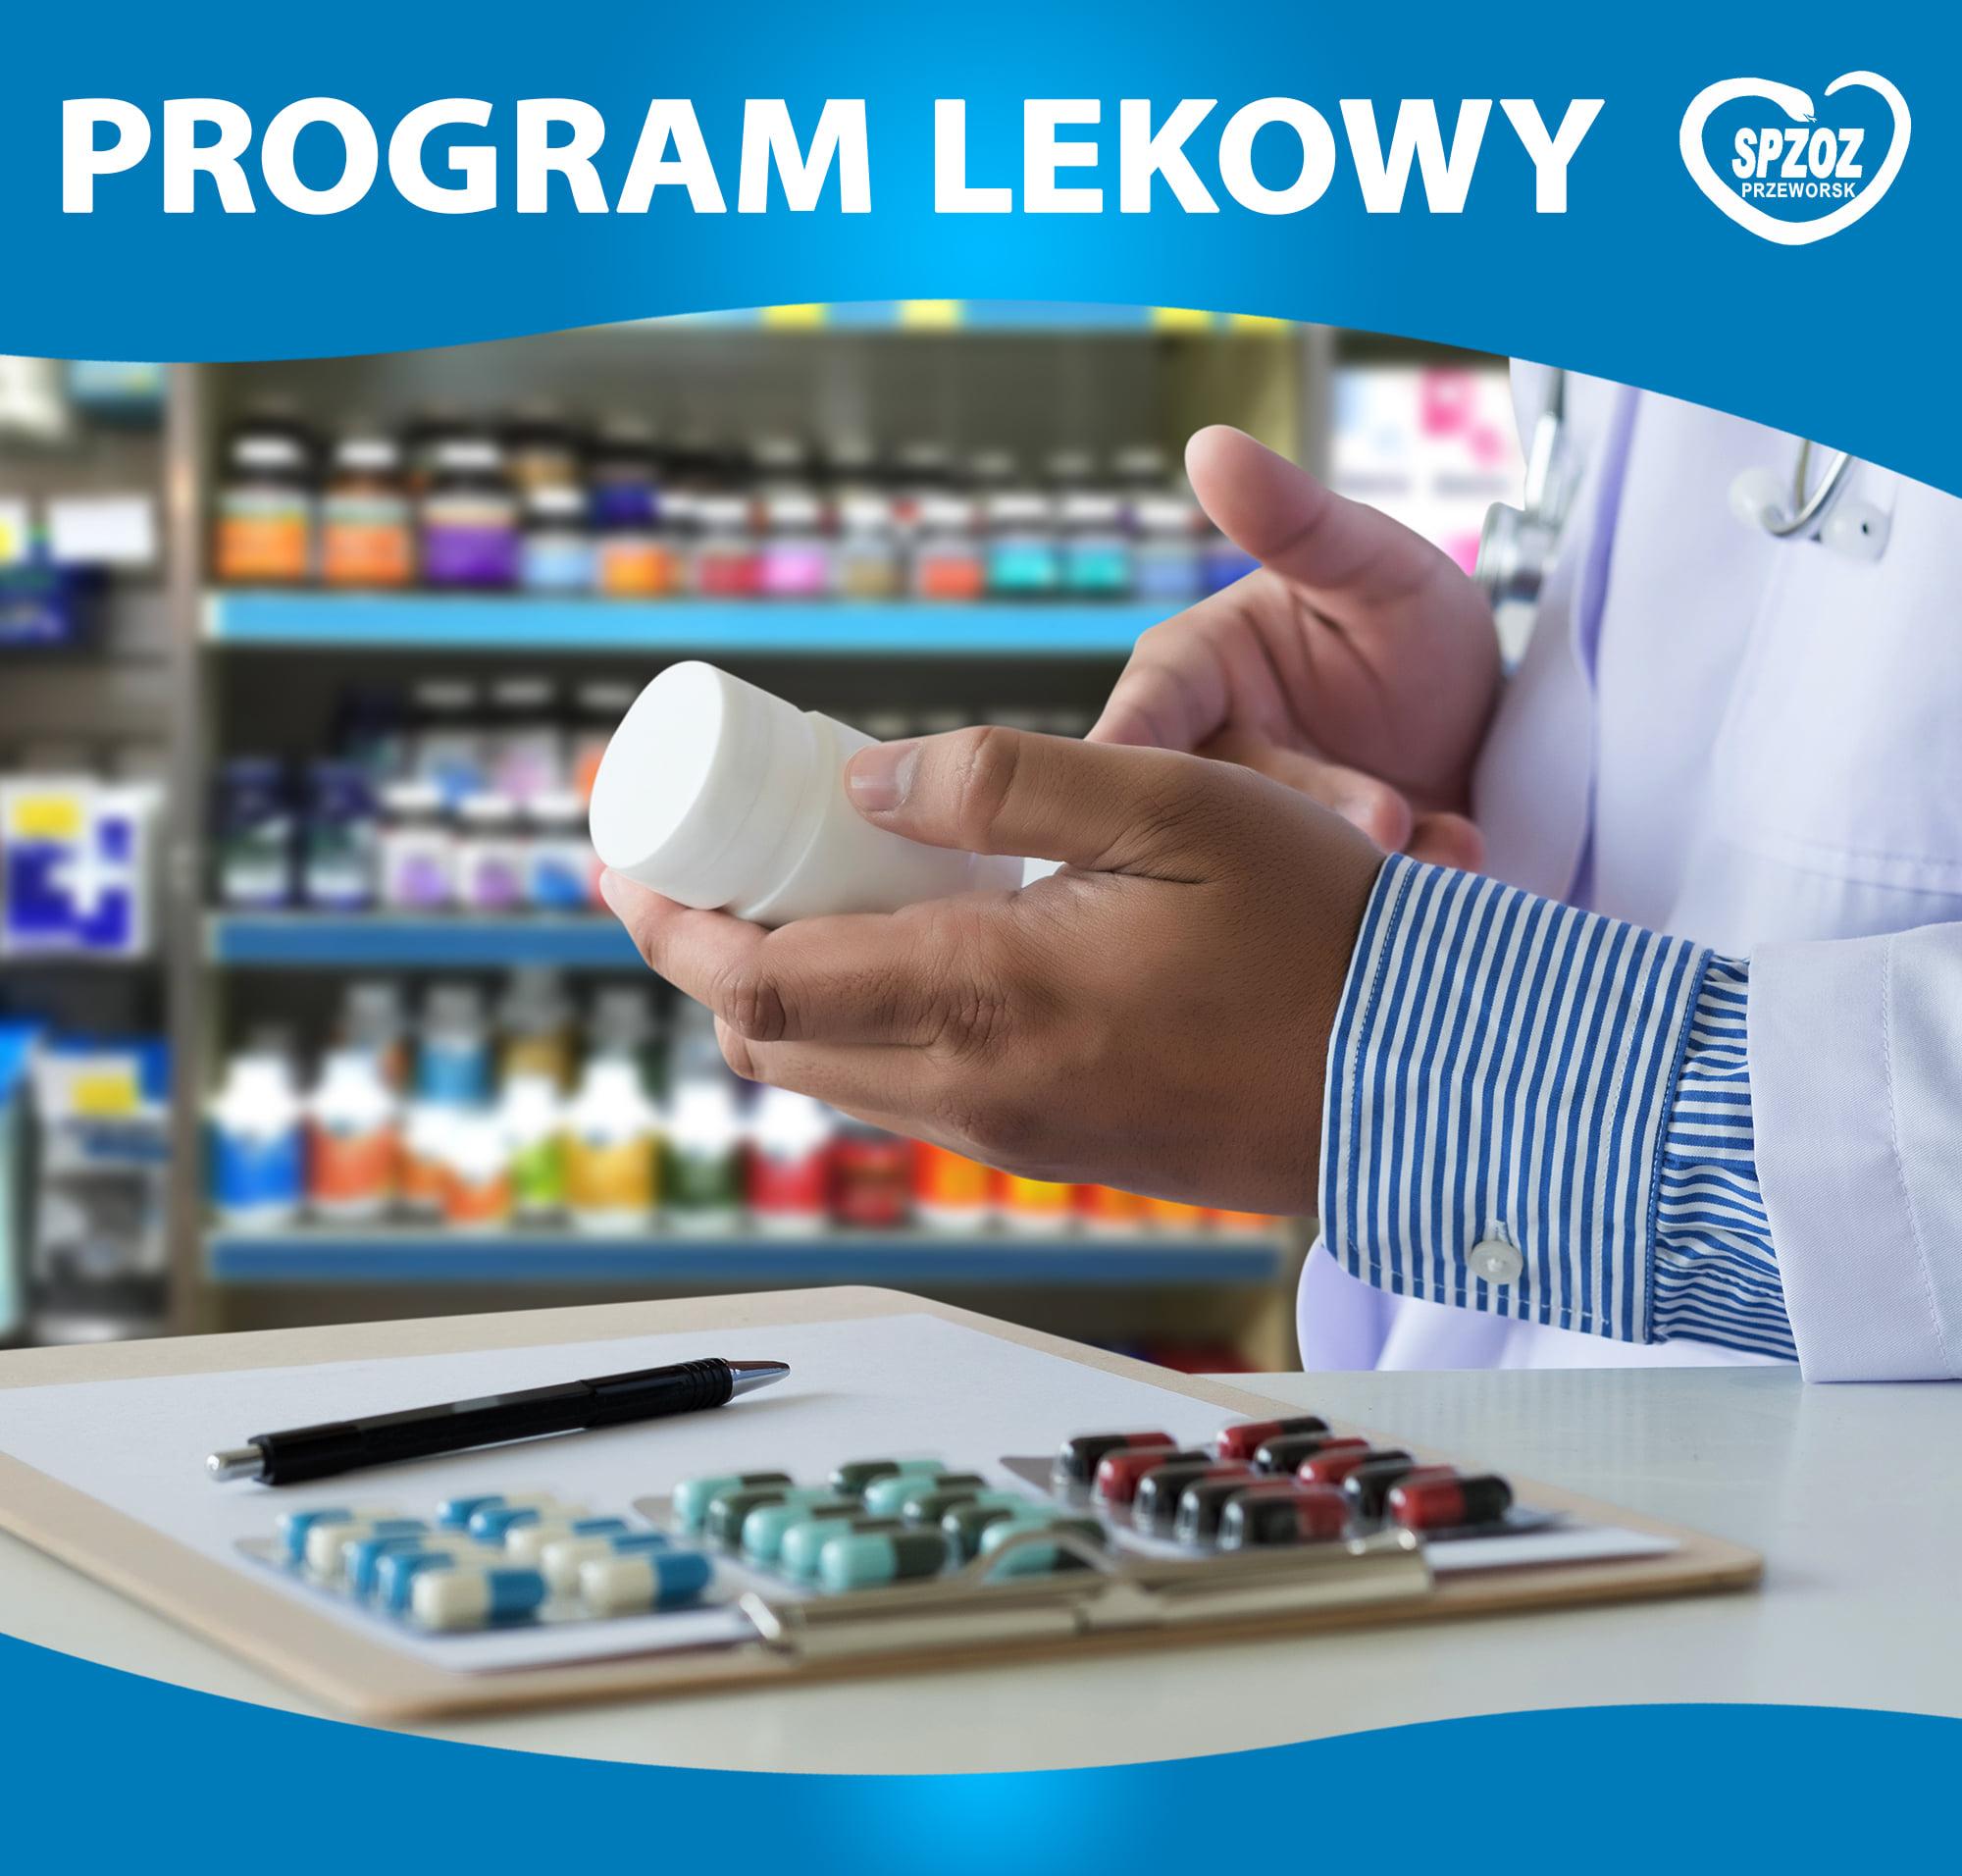 Zapraszamy pacjentów do Udziału w programie lekowym.